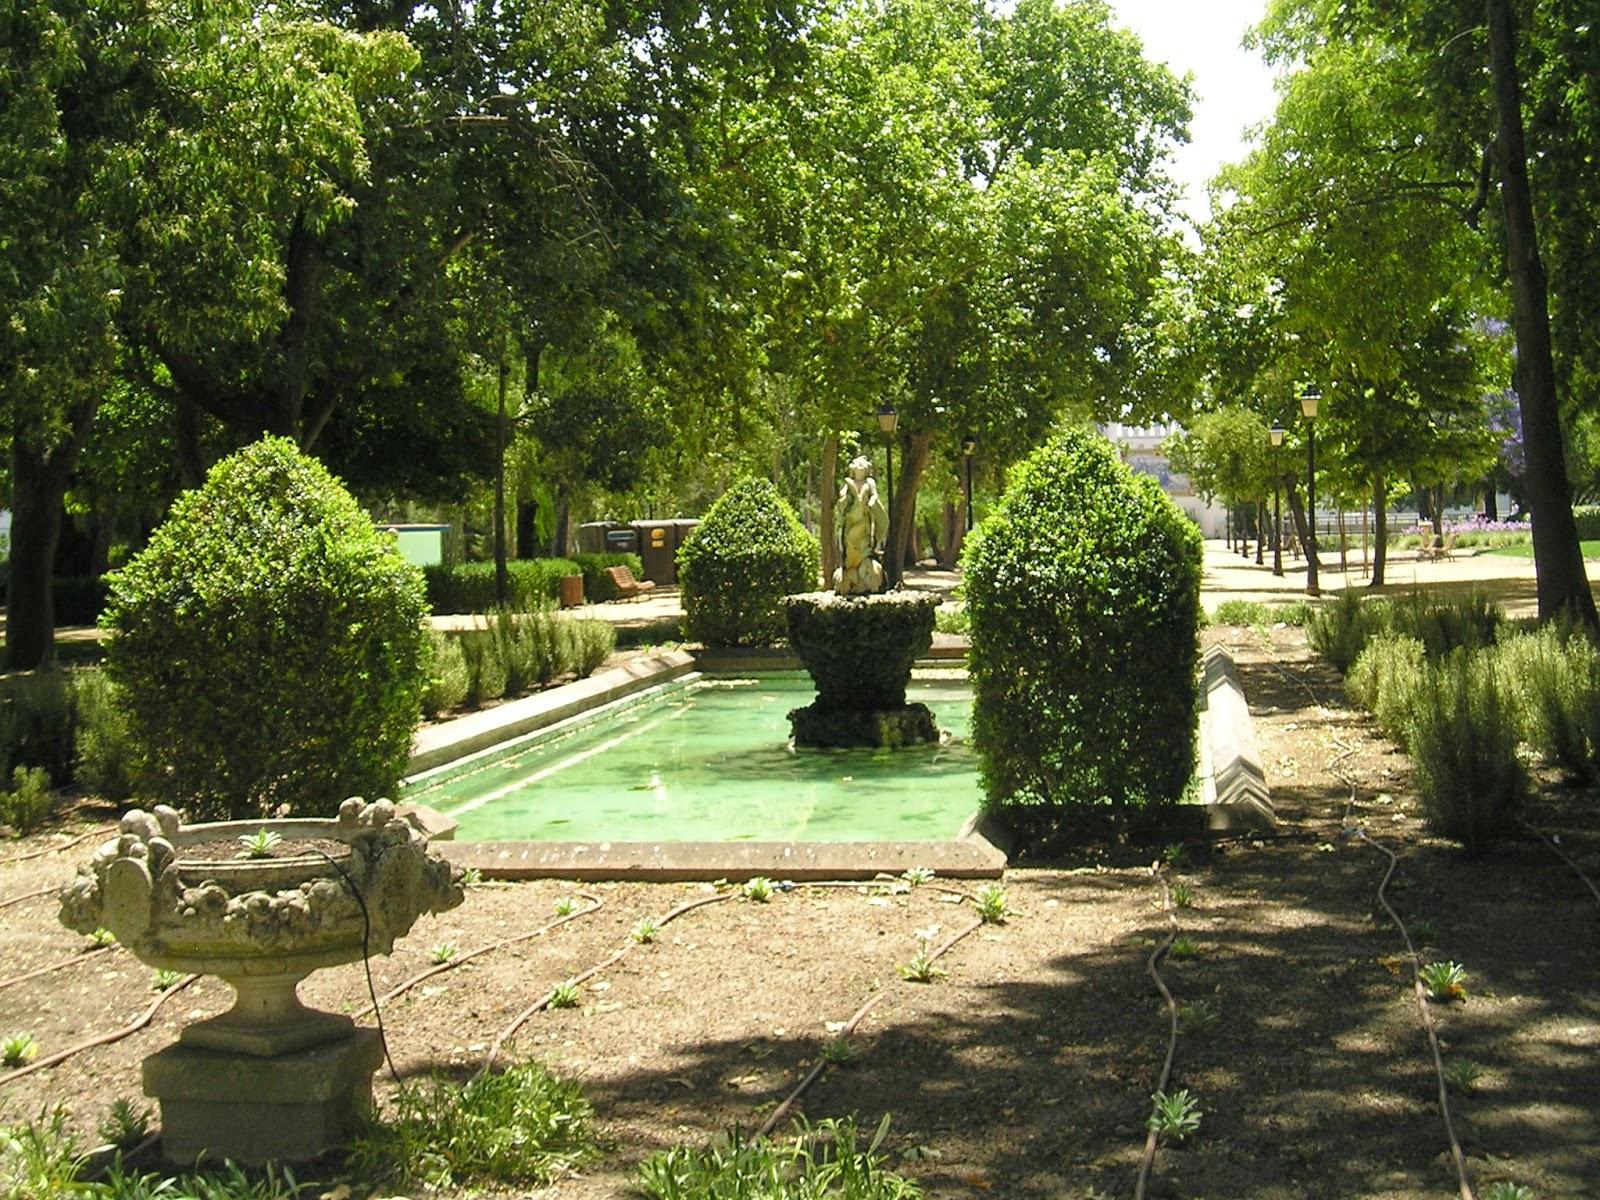 39 blog sur le portugal to discover portugal 39 for Ou trouver de la terre de jardin